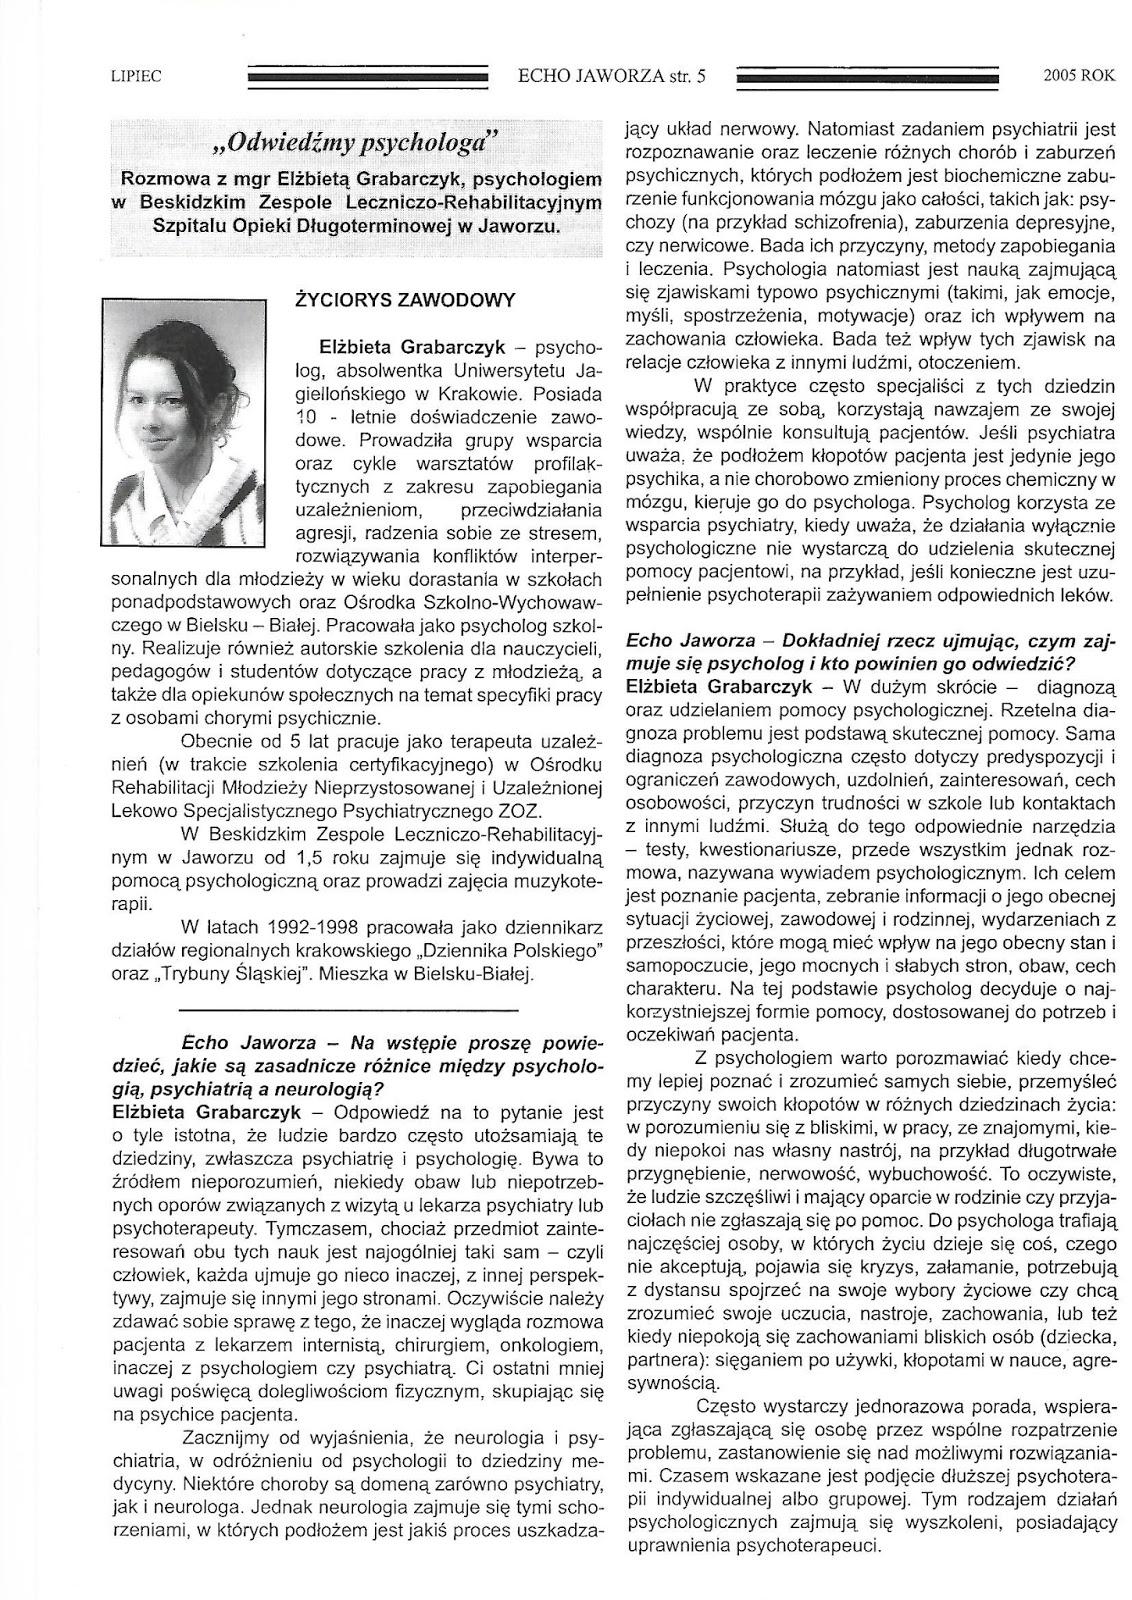 Różnice między psychologią, psychiatrią a neurologią - rozmowa dla Echa Jaworza